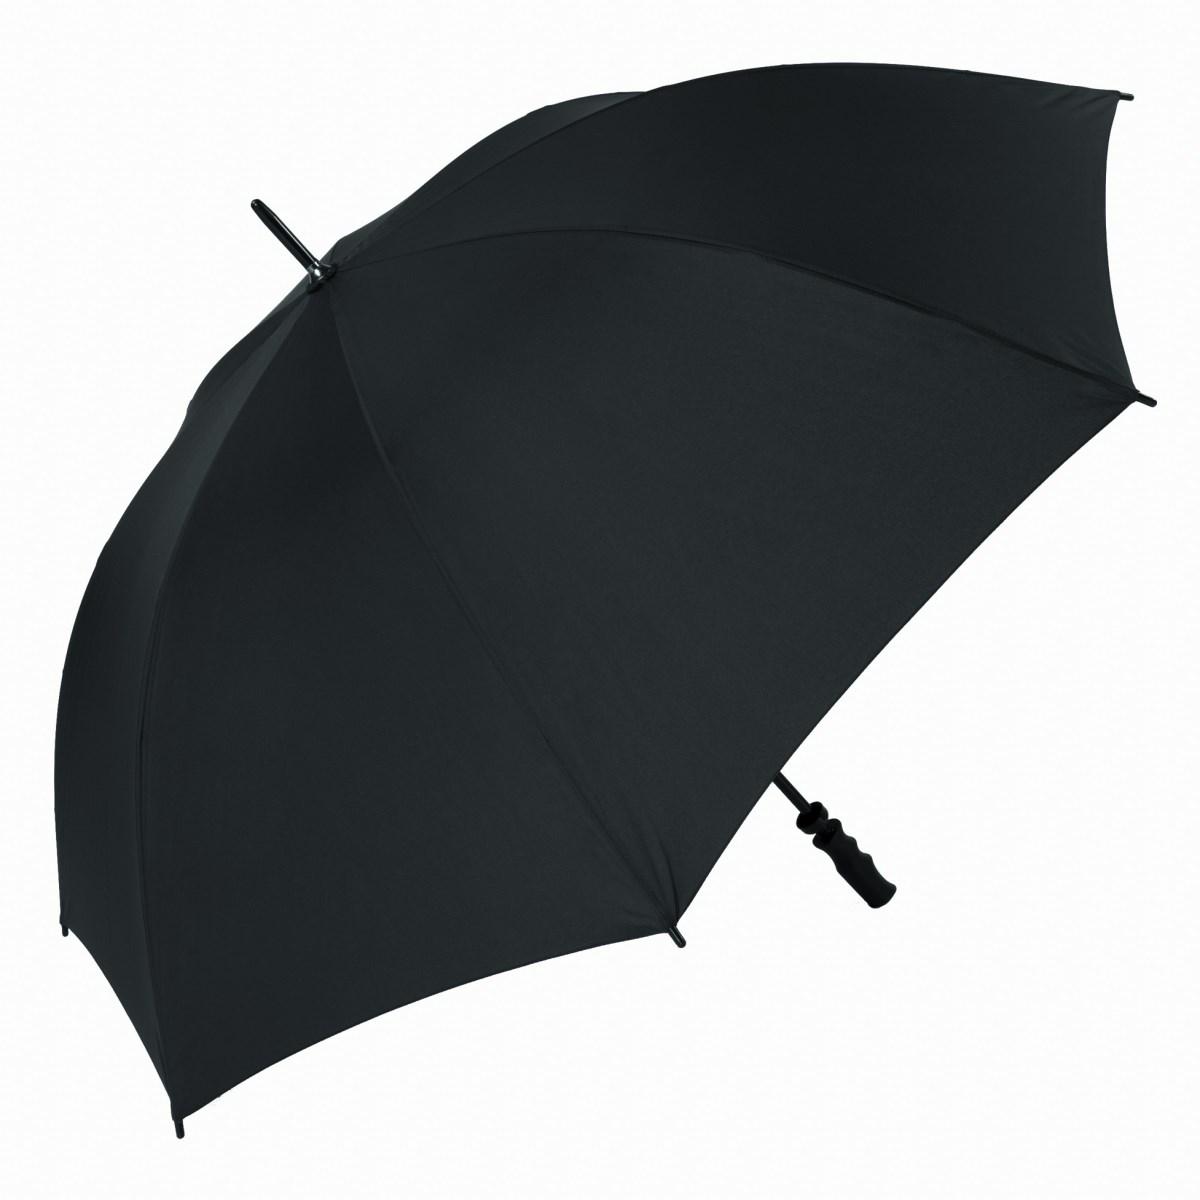 Wind Resistant Fibrelight Large Black Golf Umbrella Susino